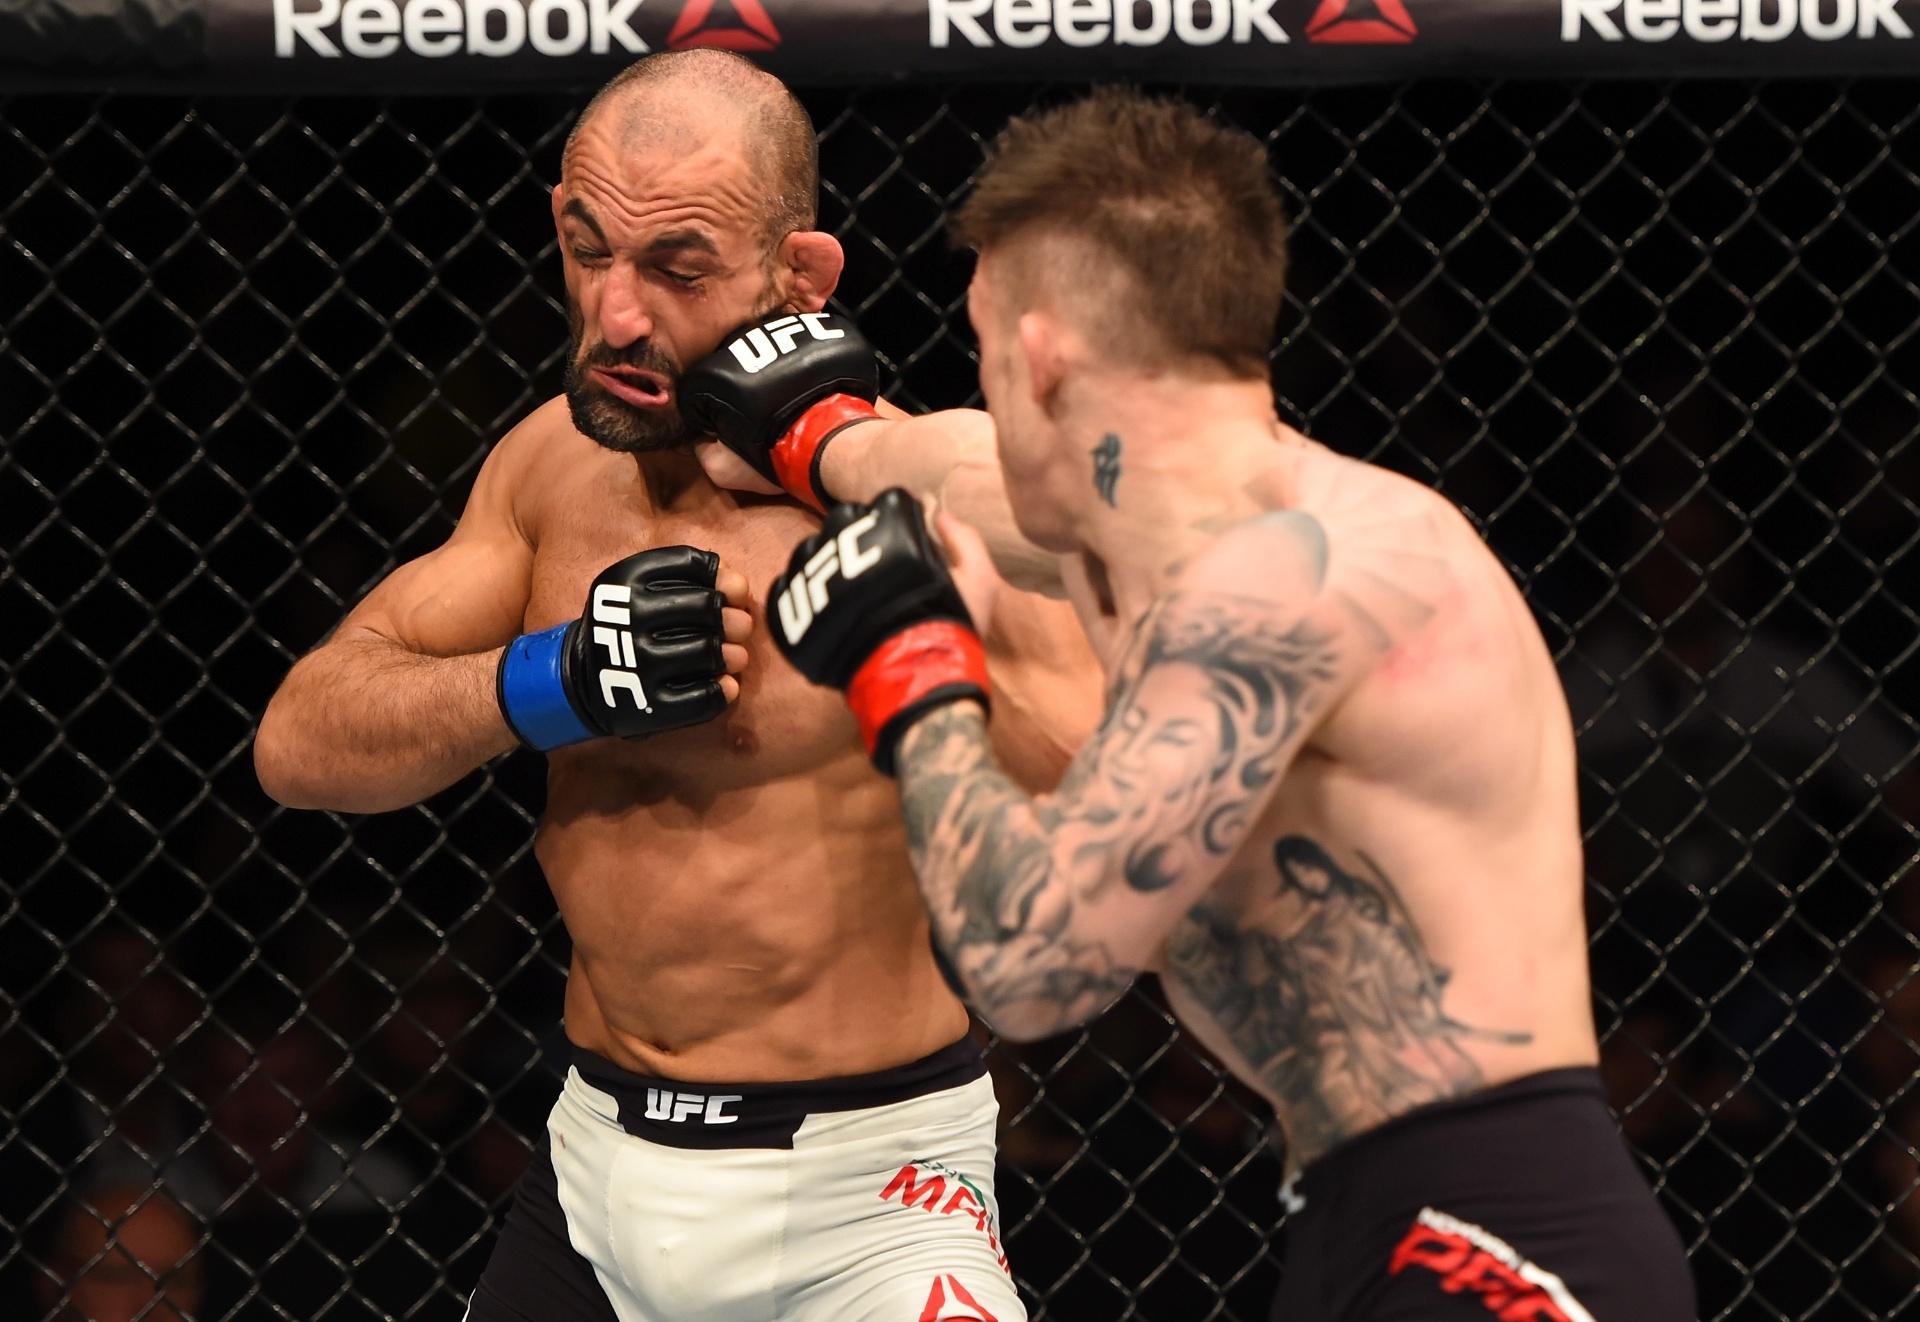 Reza Madadi (esq.) é golpeado por Norman Parke, em luta no UFC Irlanda, neste sábado (24); Parke venceu por decisão unânime dos juízes